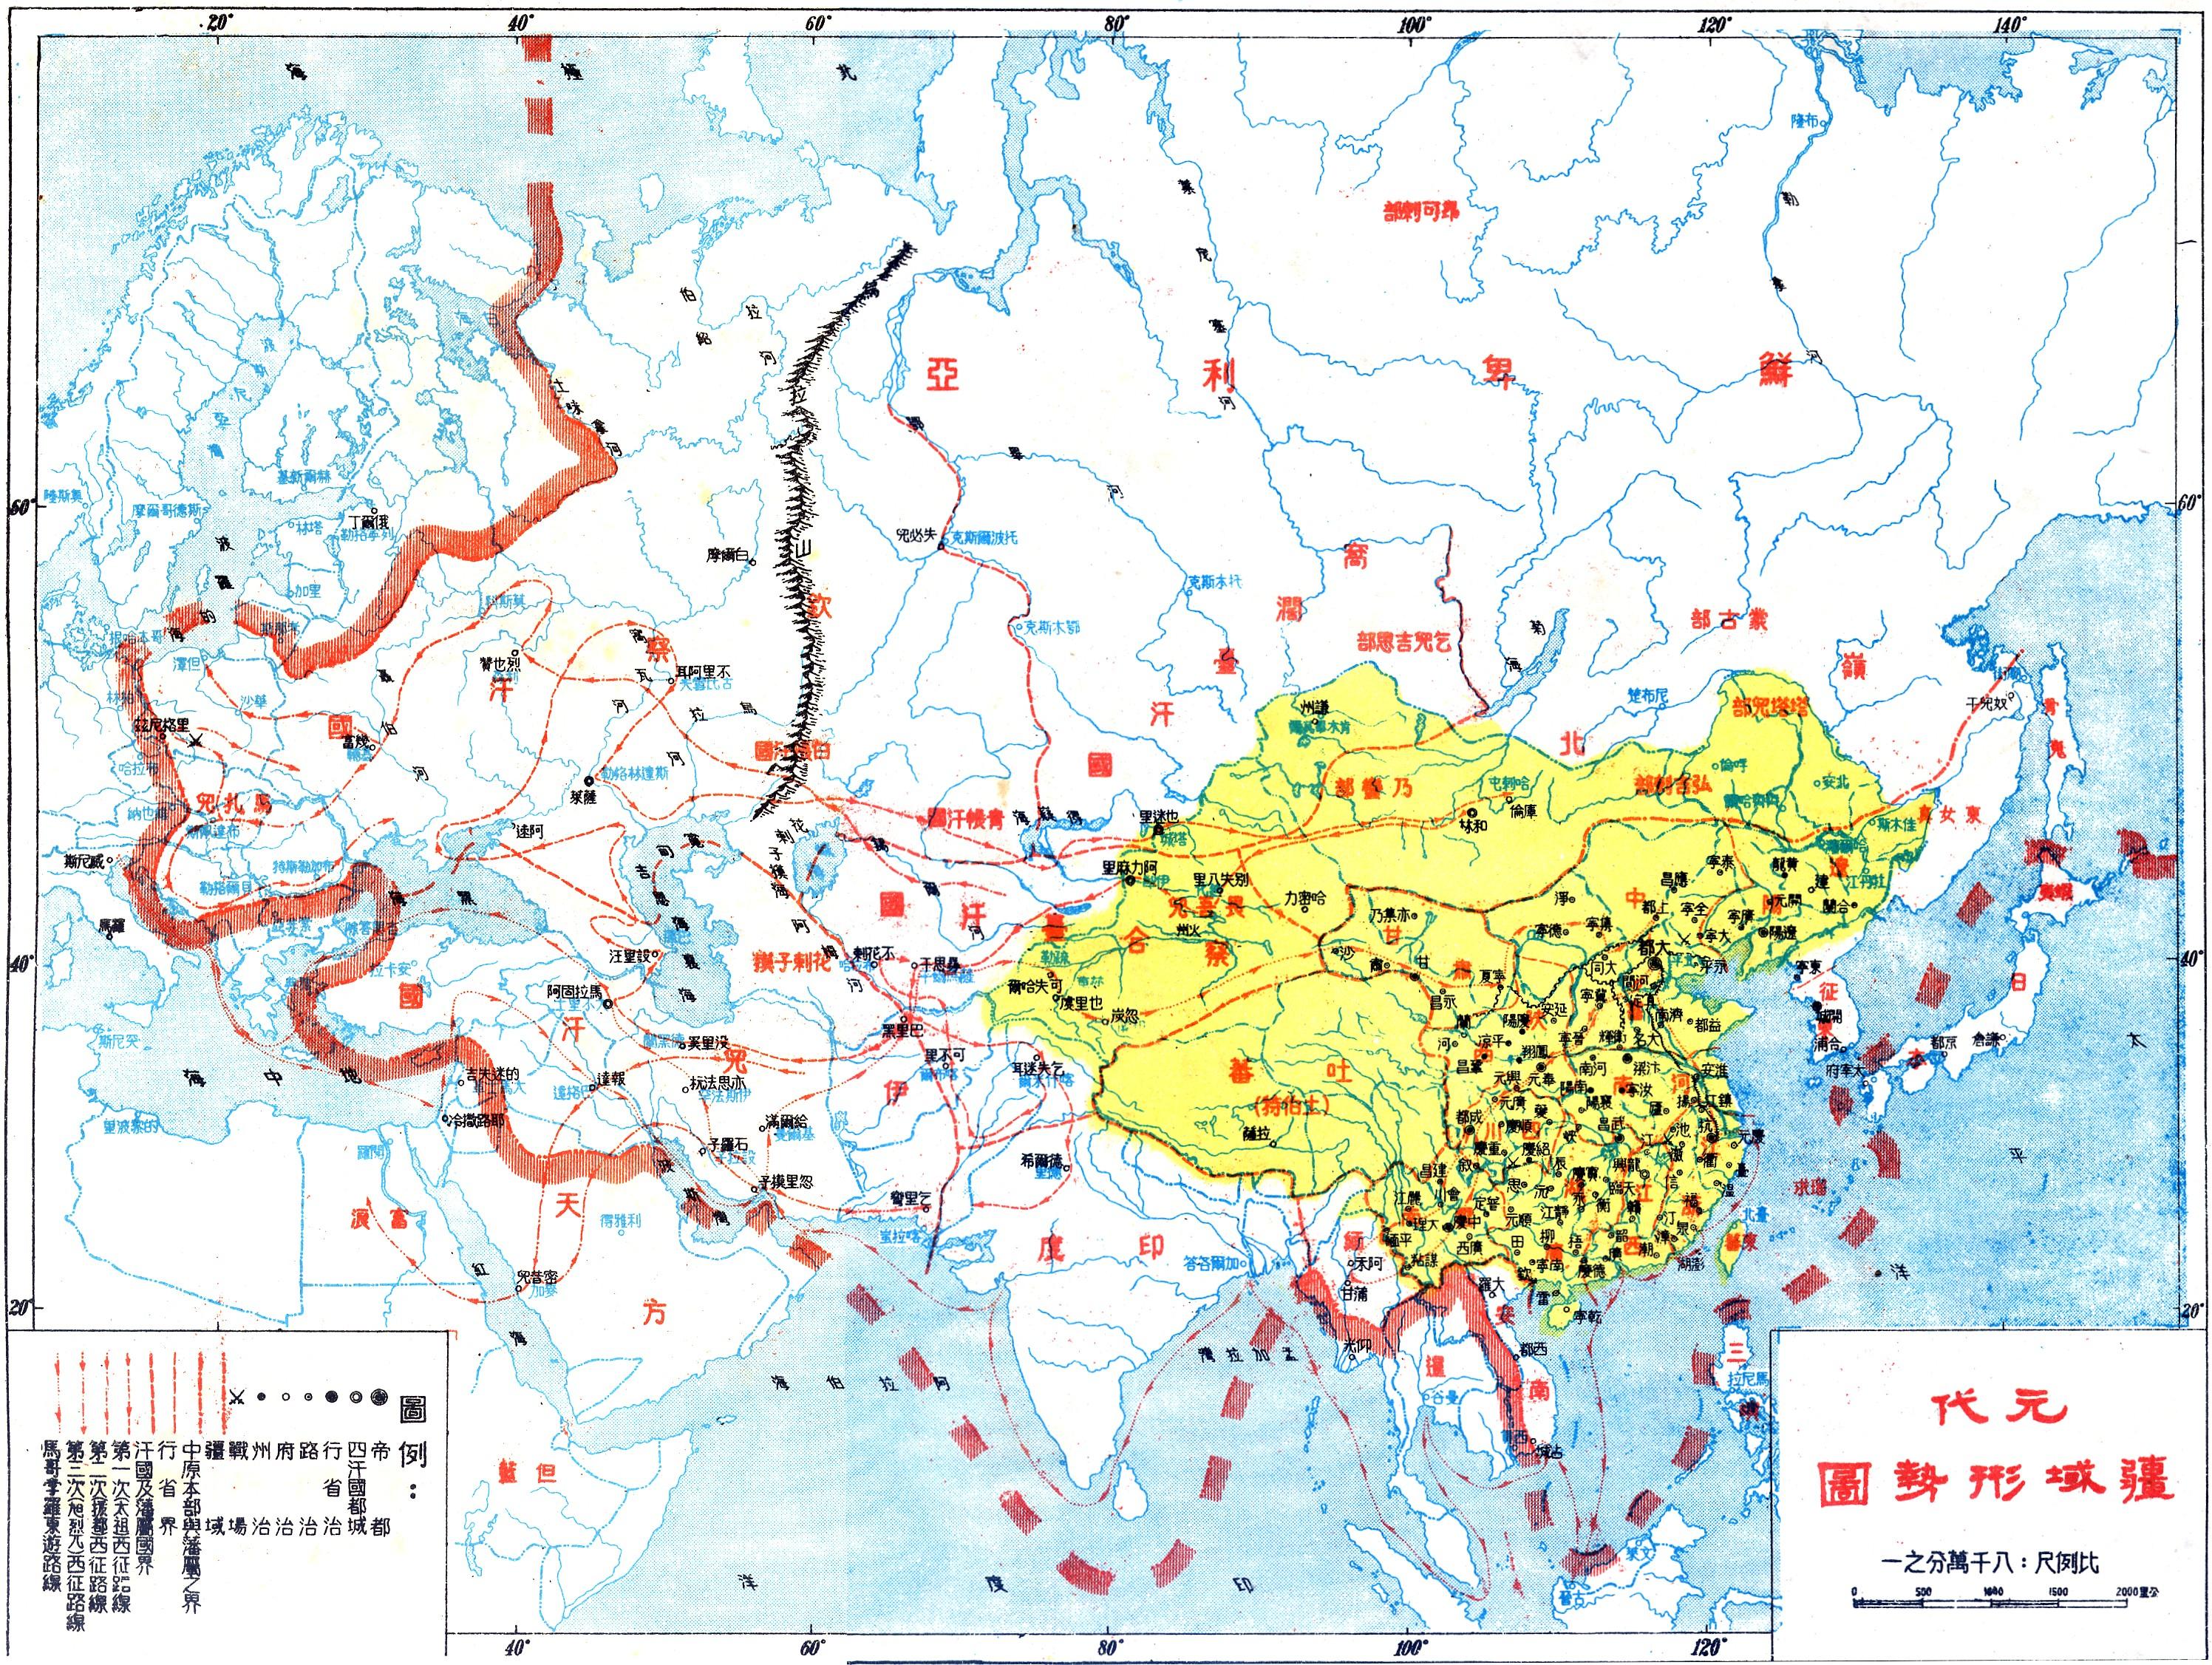 元代疆域形势图